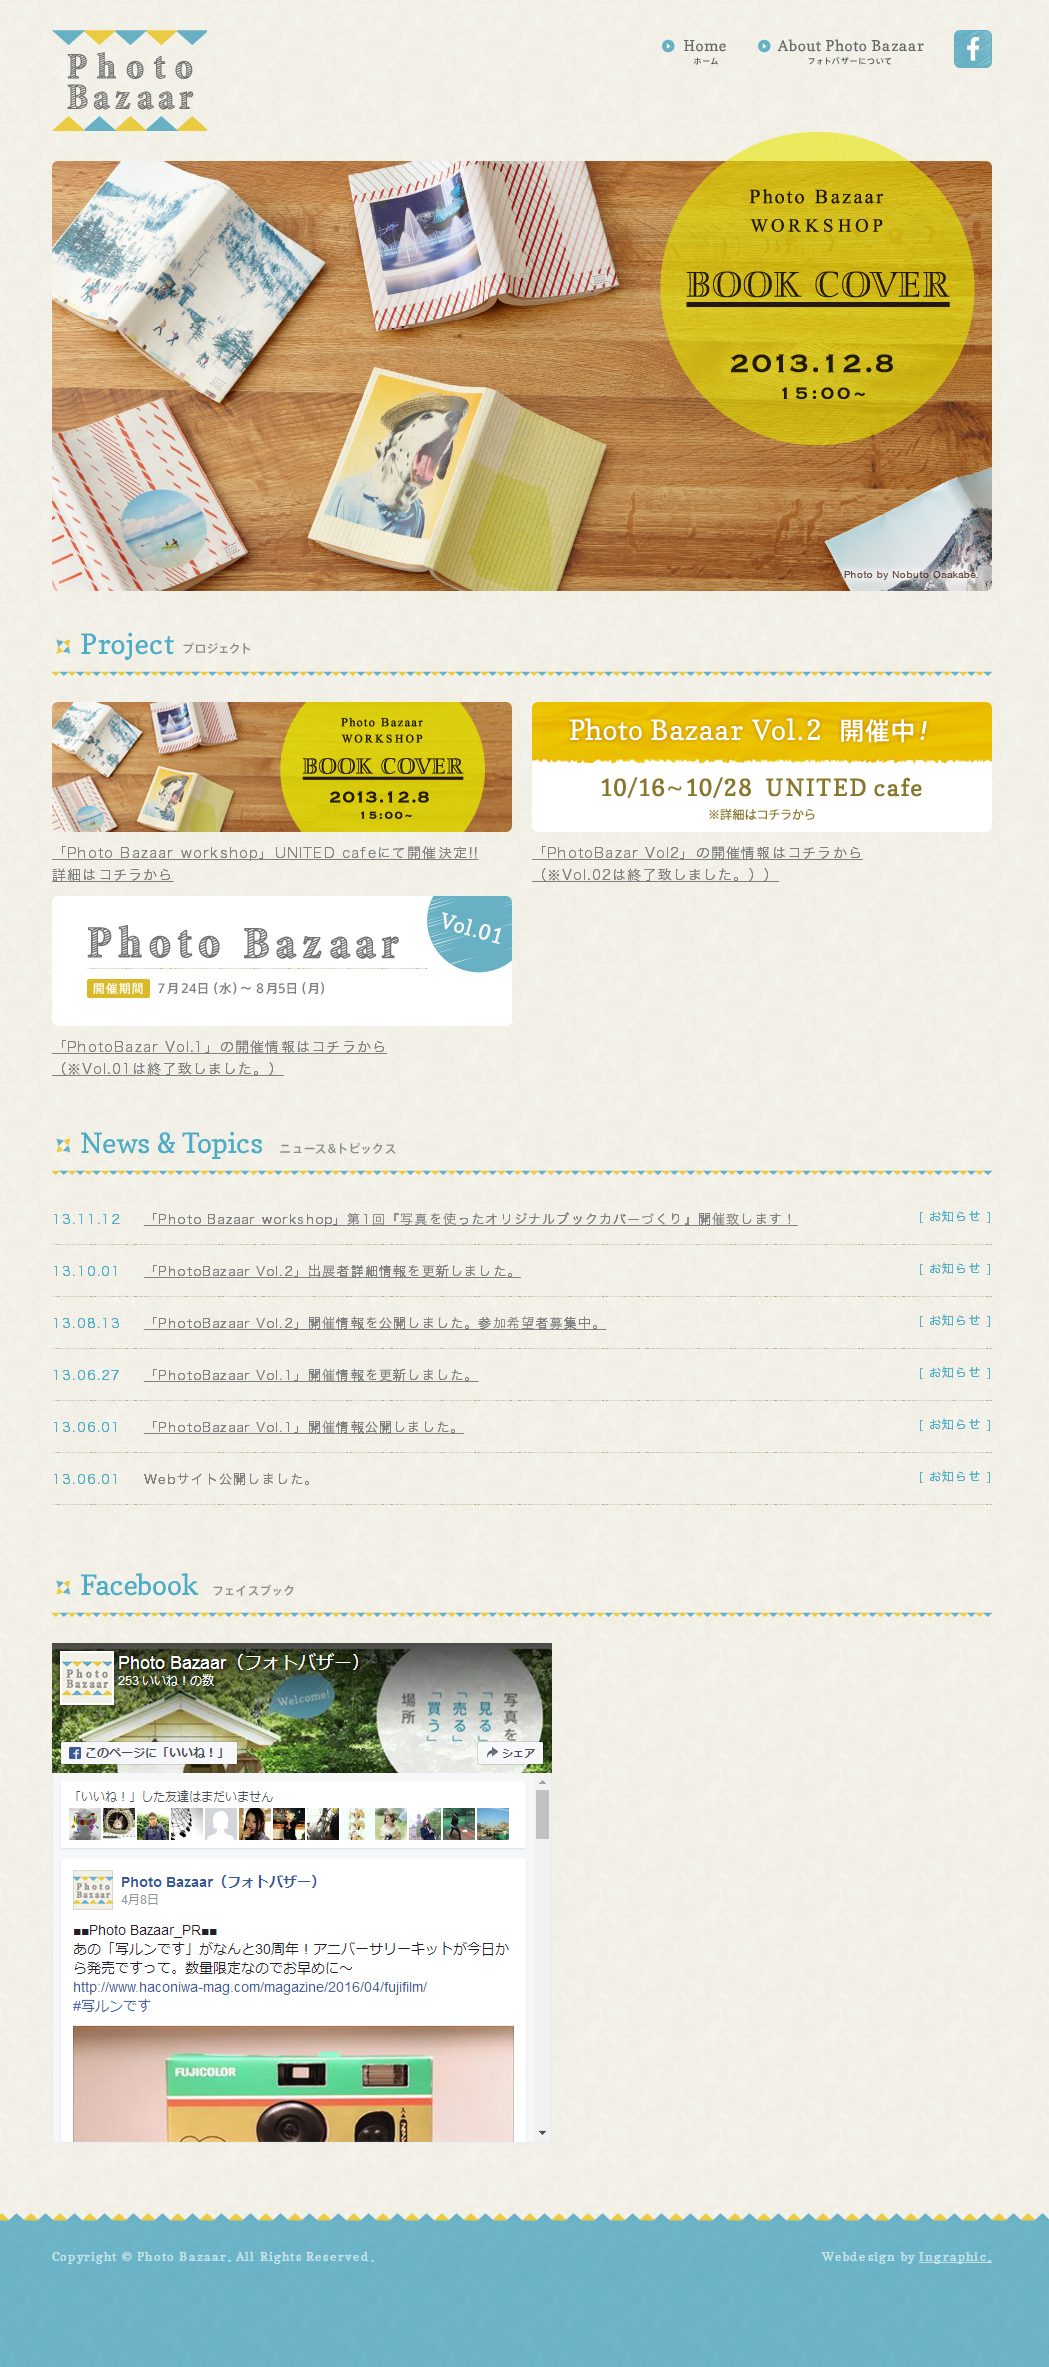 Photo Bazaar